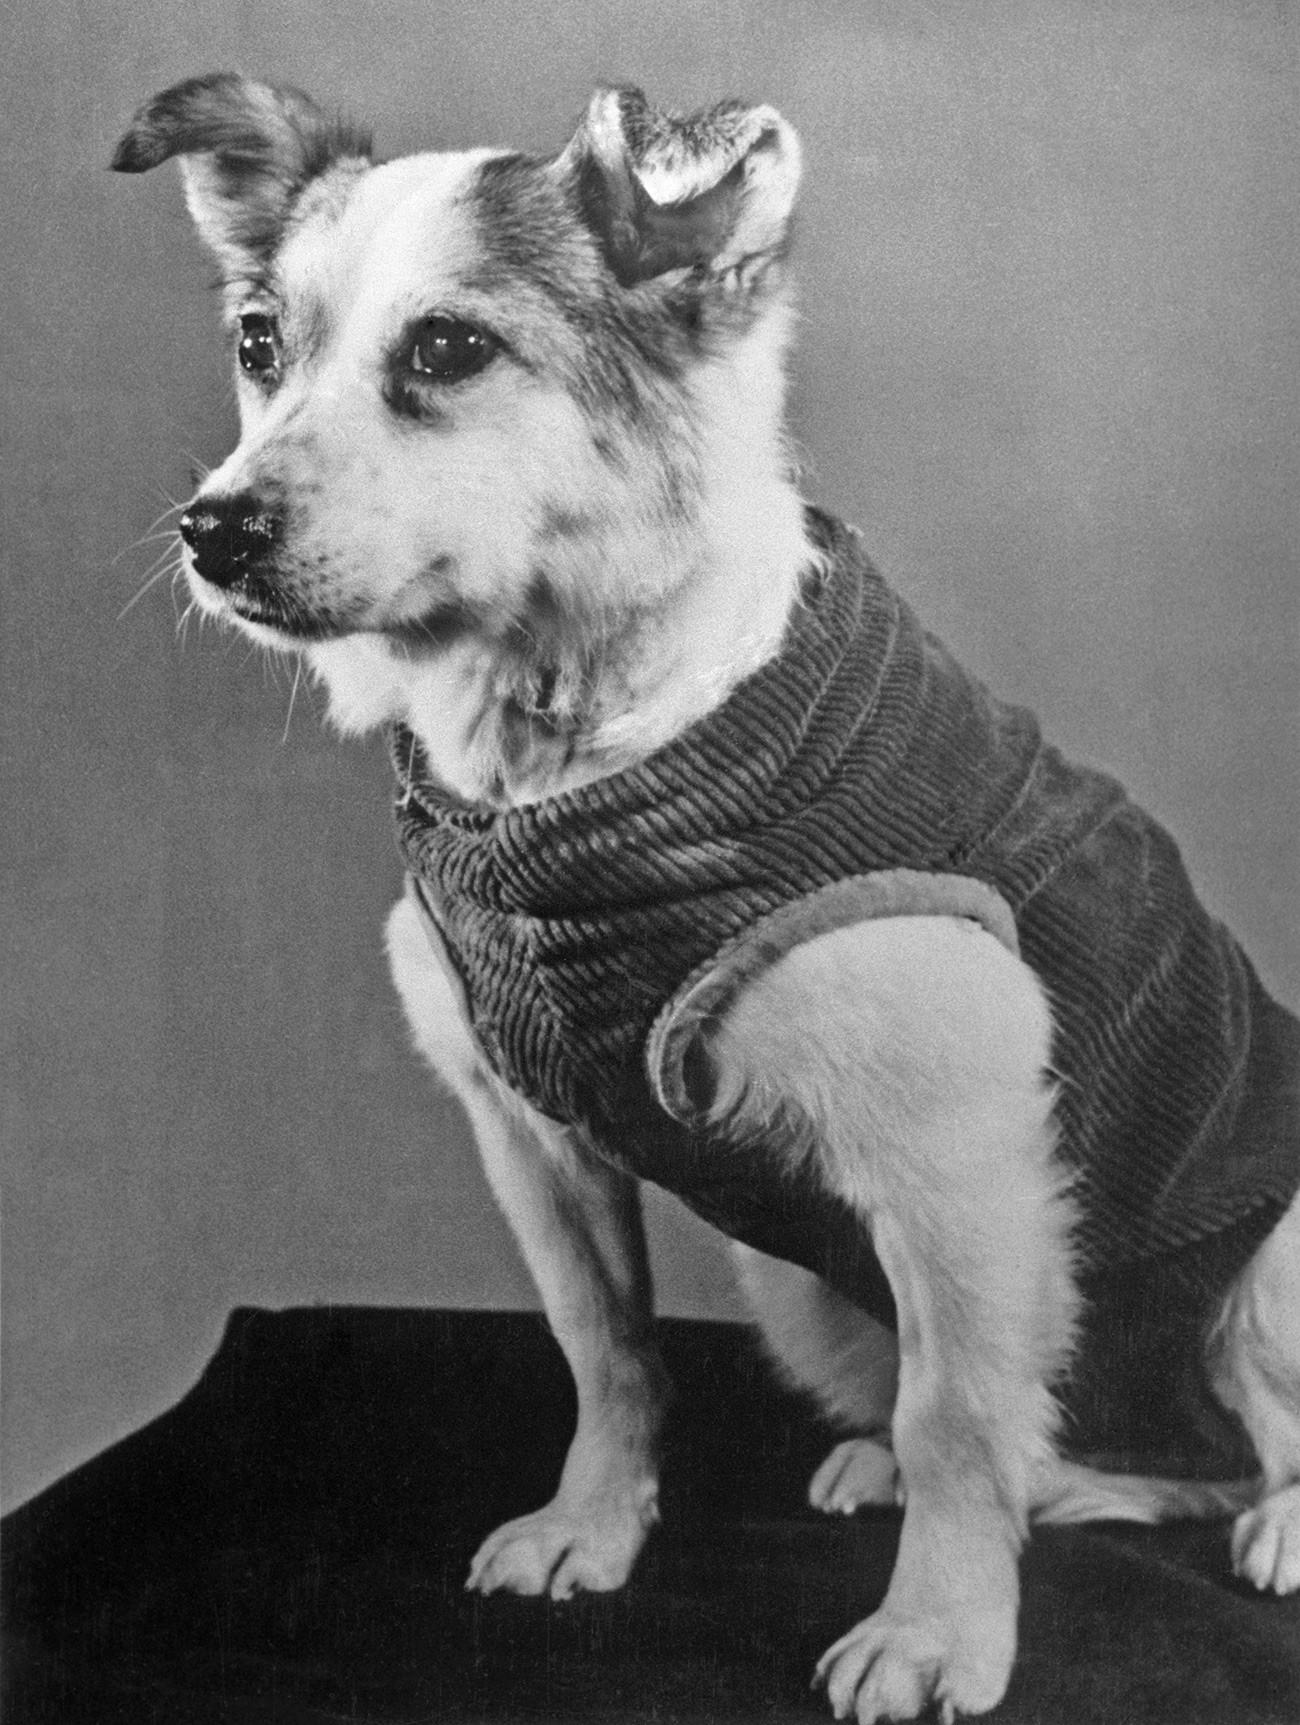 宇宙飛行を成し遂げ無事に地球に帰った犬のズヴョズドチカ